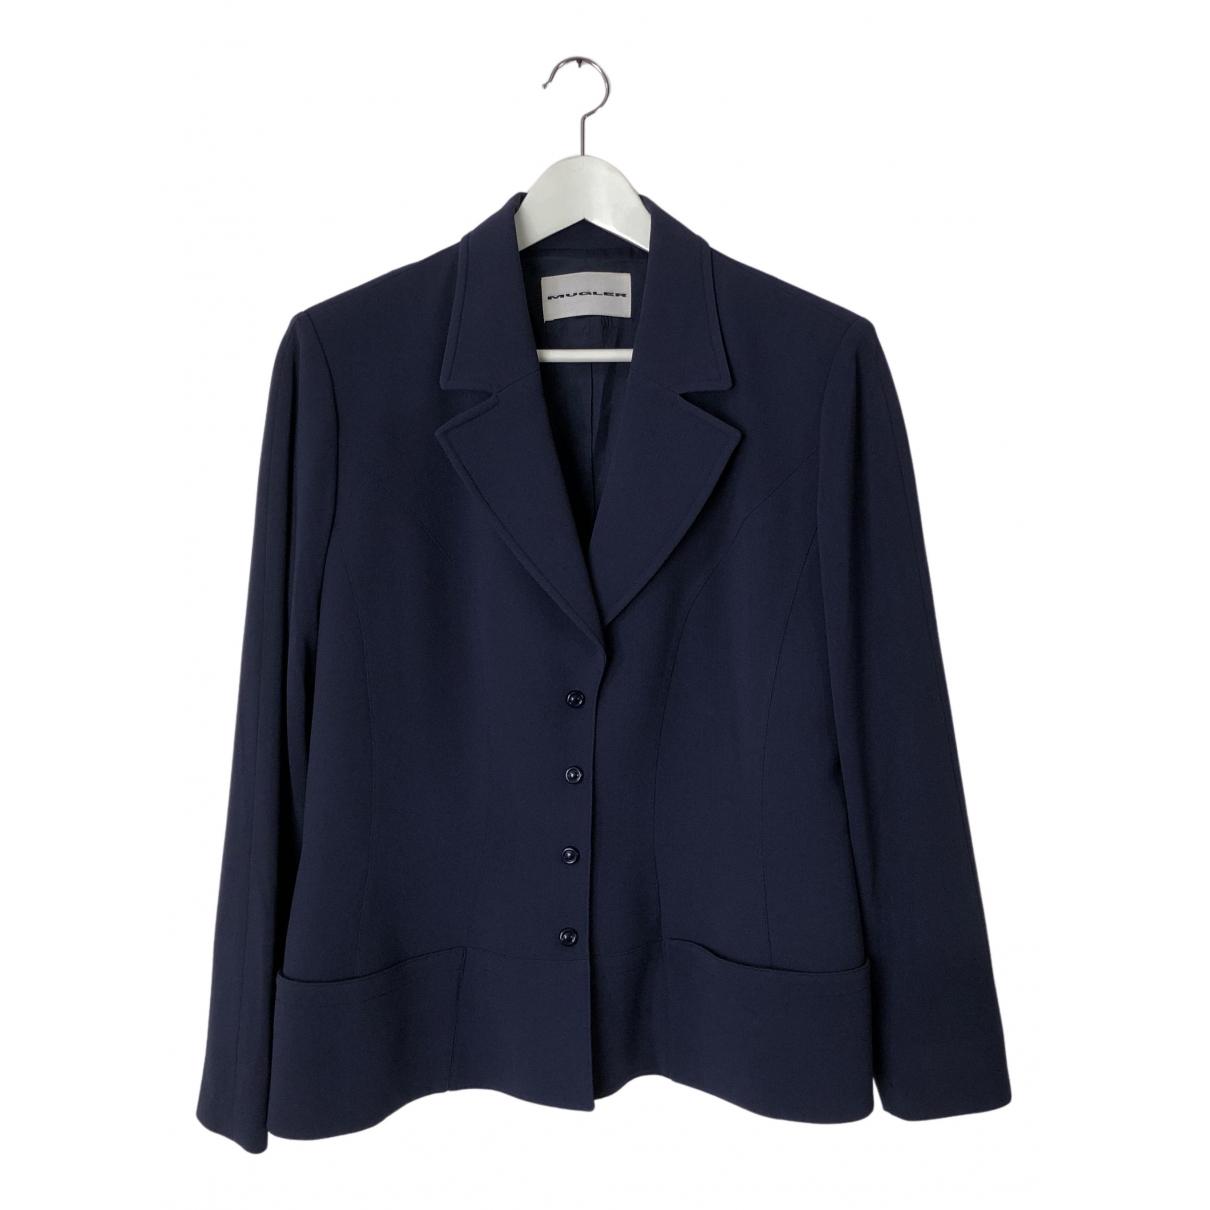 Mugler N Blue jacket for Women M International